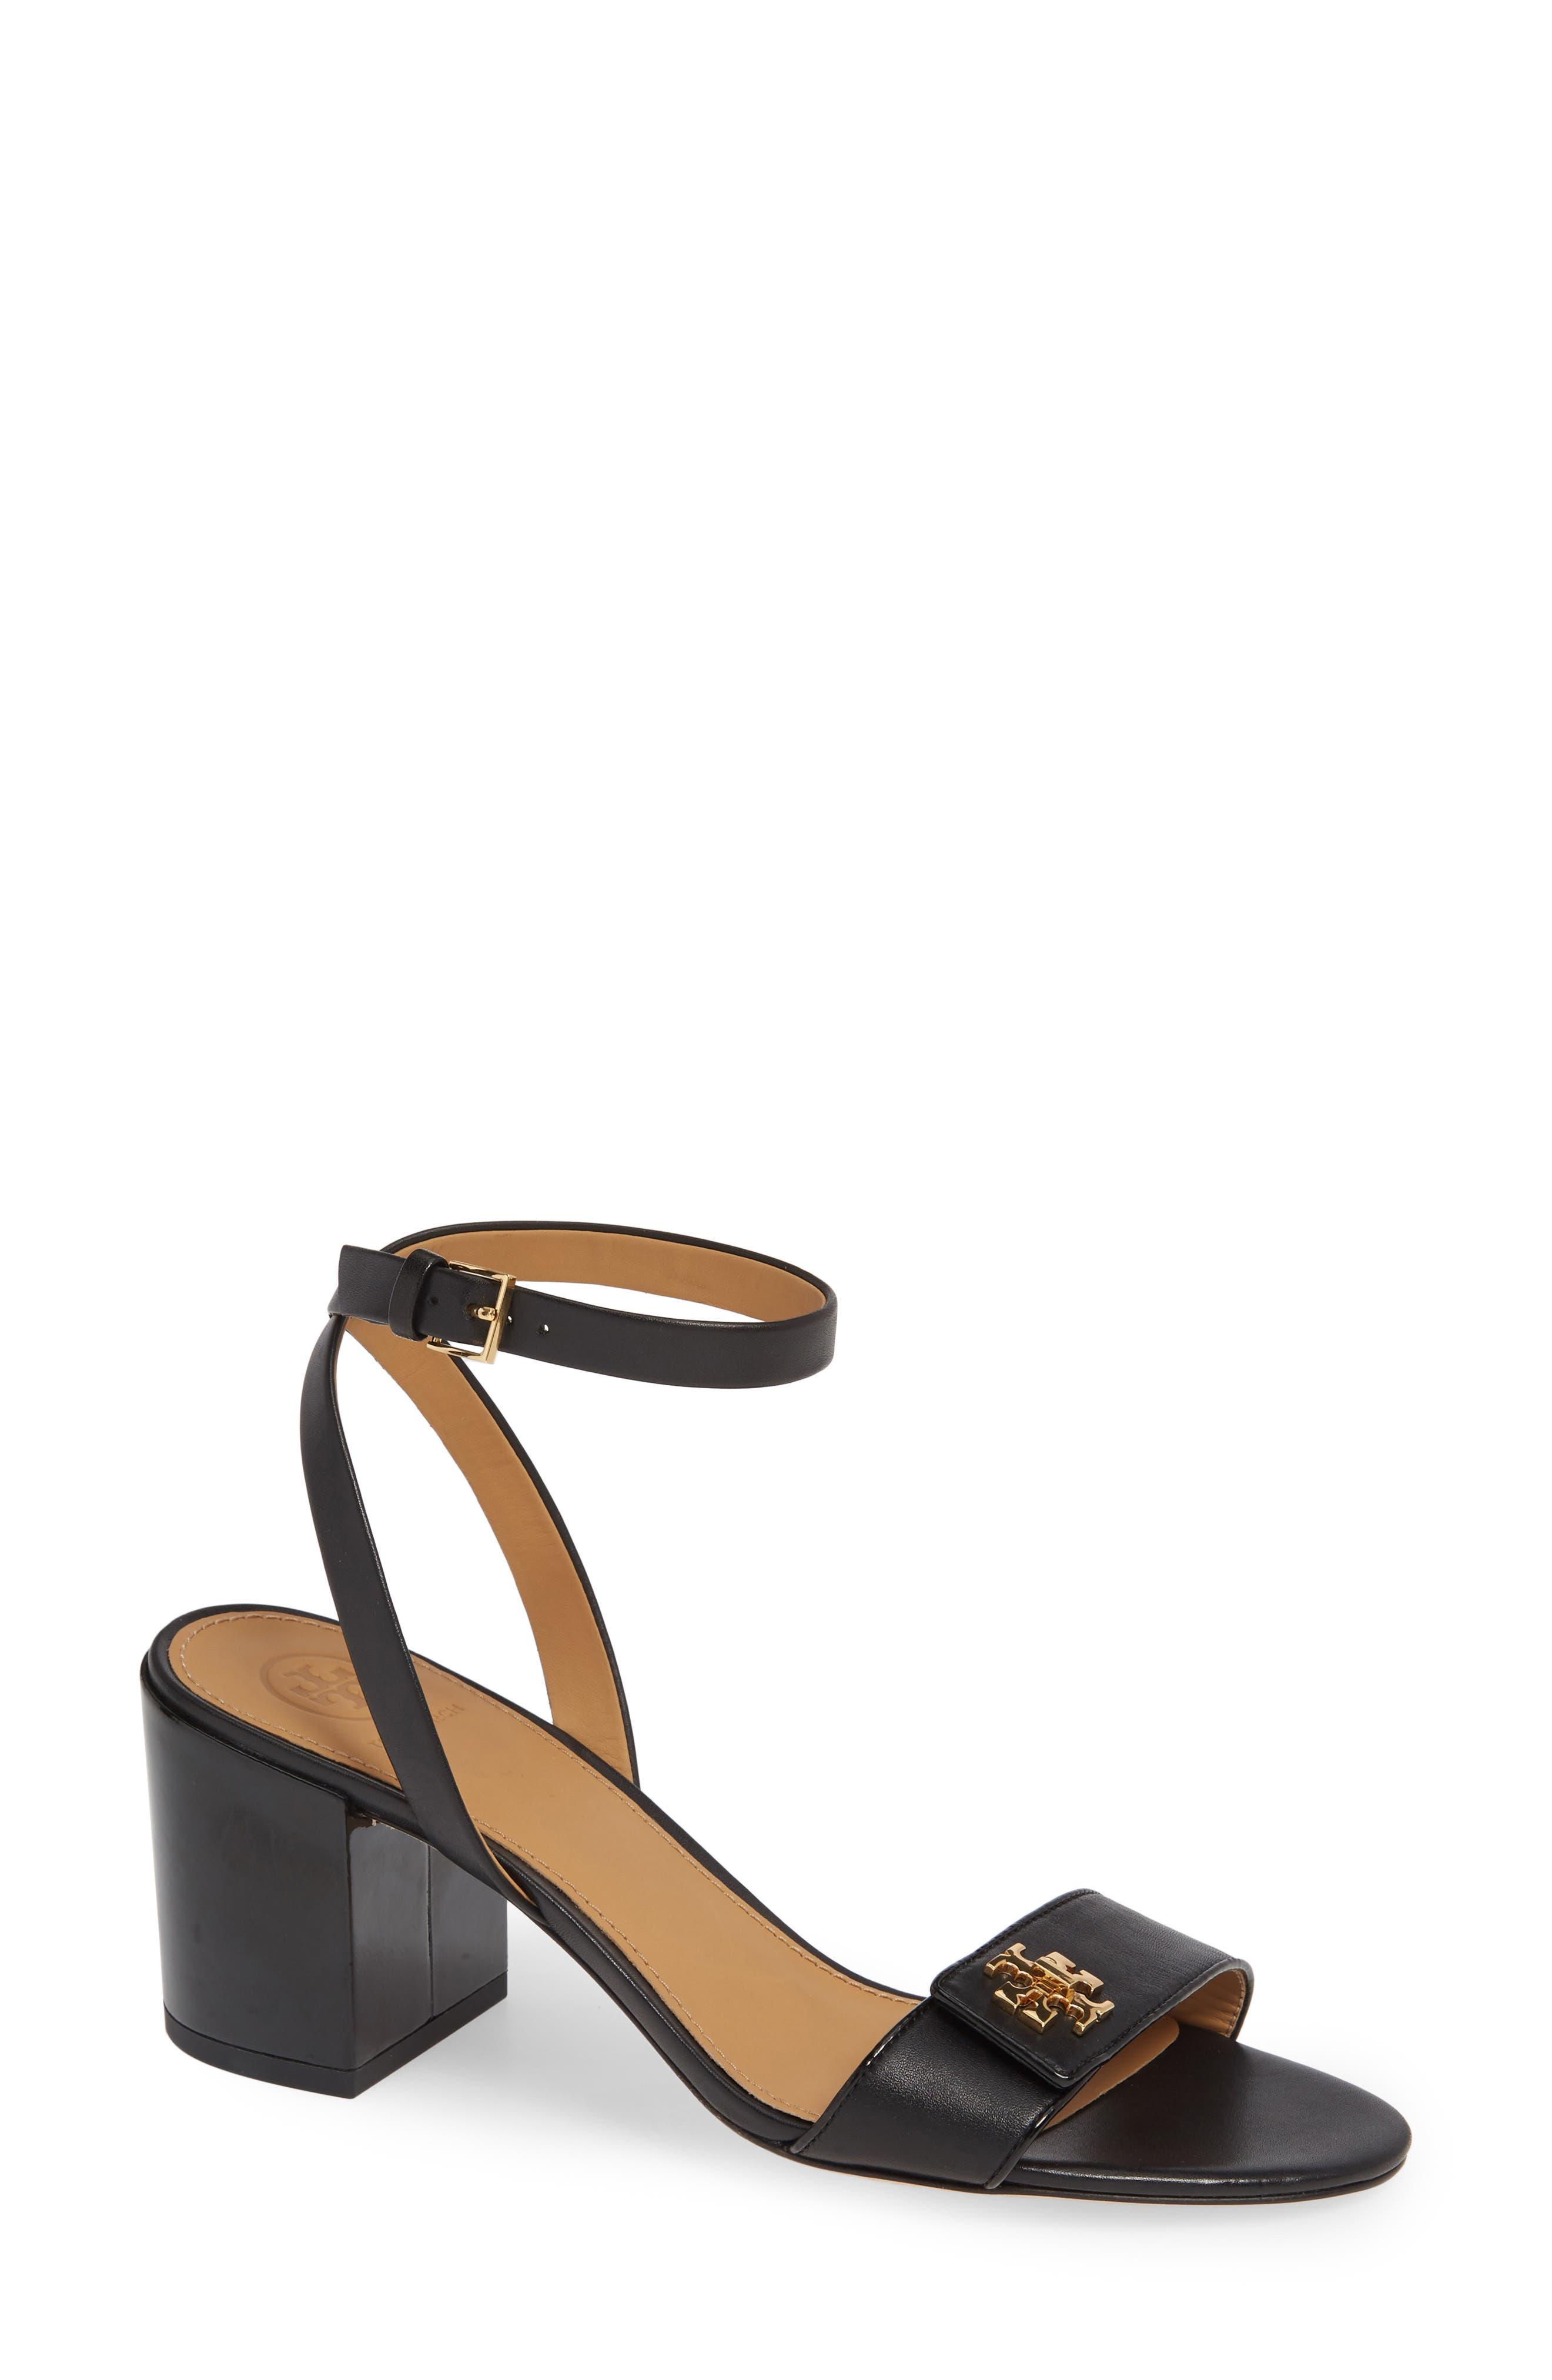 Kira Block Heel Sandal, Main, color, PERFECT BLACK/ PERFECT BLACK